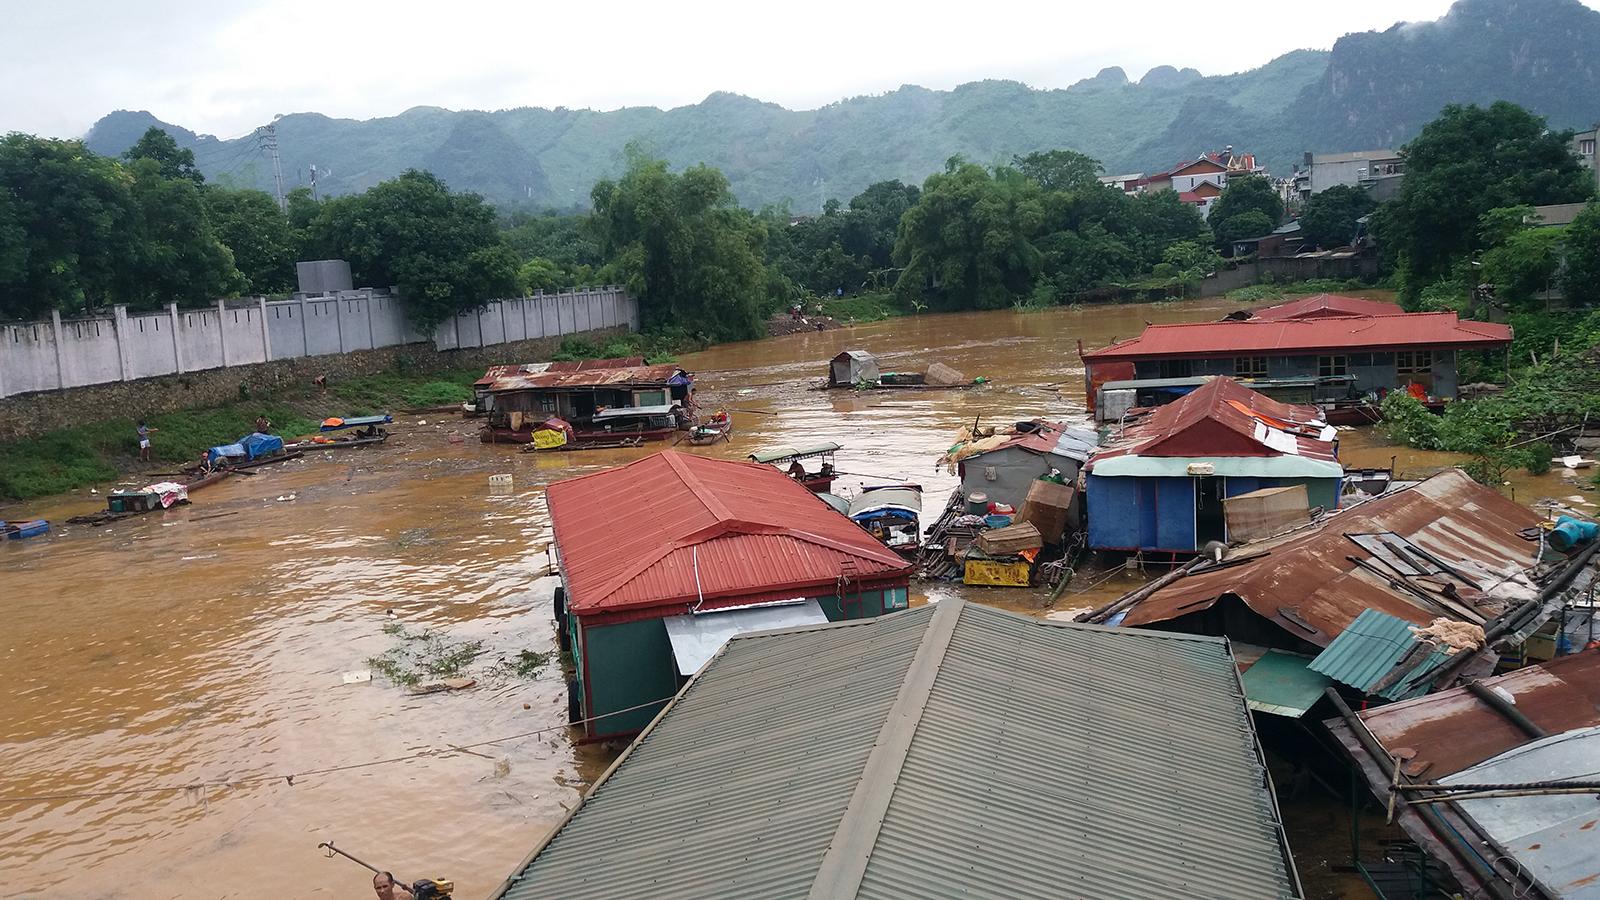 Nhà trôi trên sông trong trận lũ quét ở Yên Bái hồi đầu tháng 8.